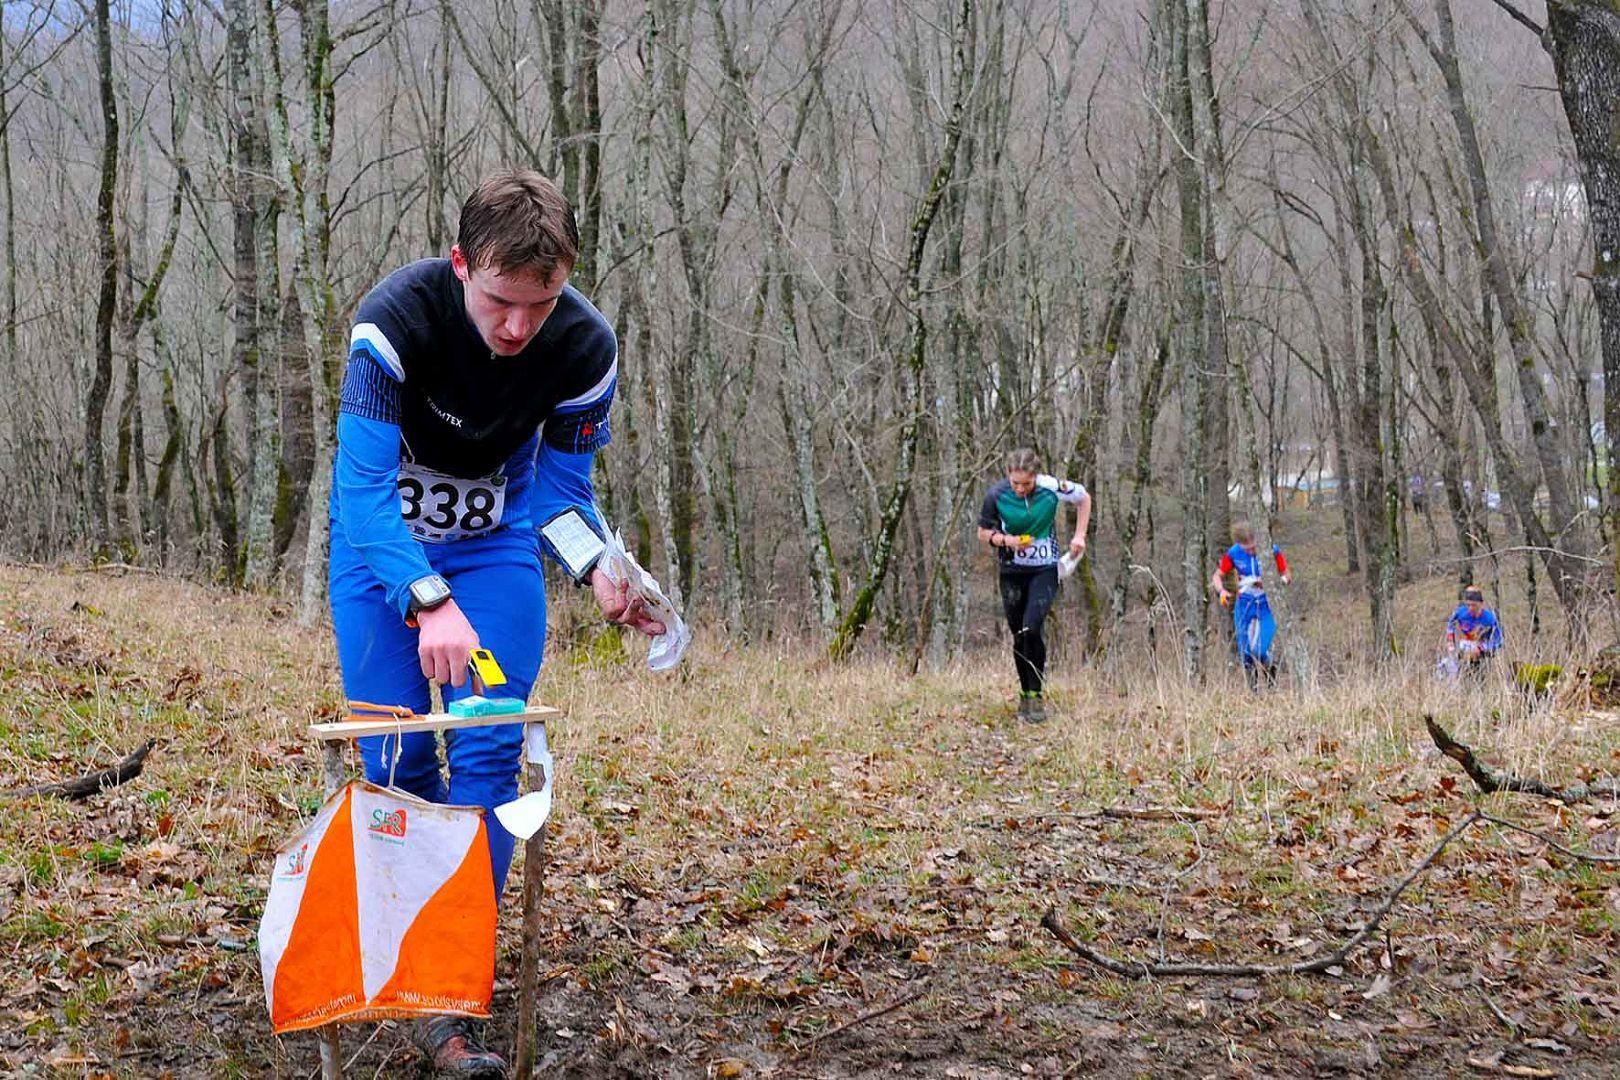 На терренкурах горы Железной пройдёт чемпионат Ставрополья по спортивному ориентированию